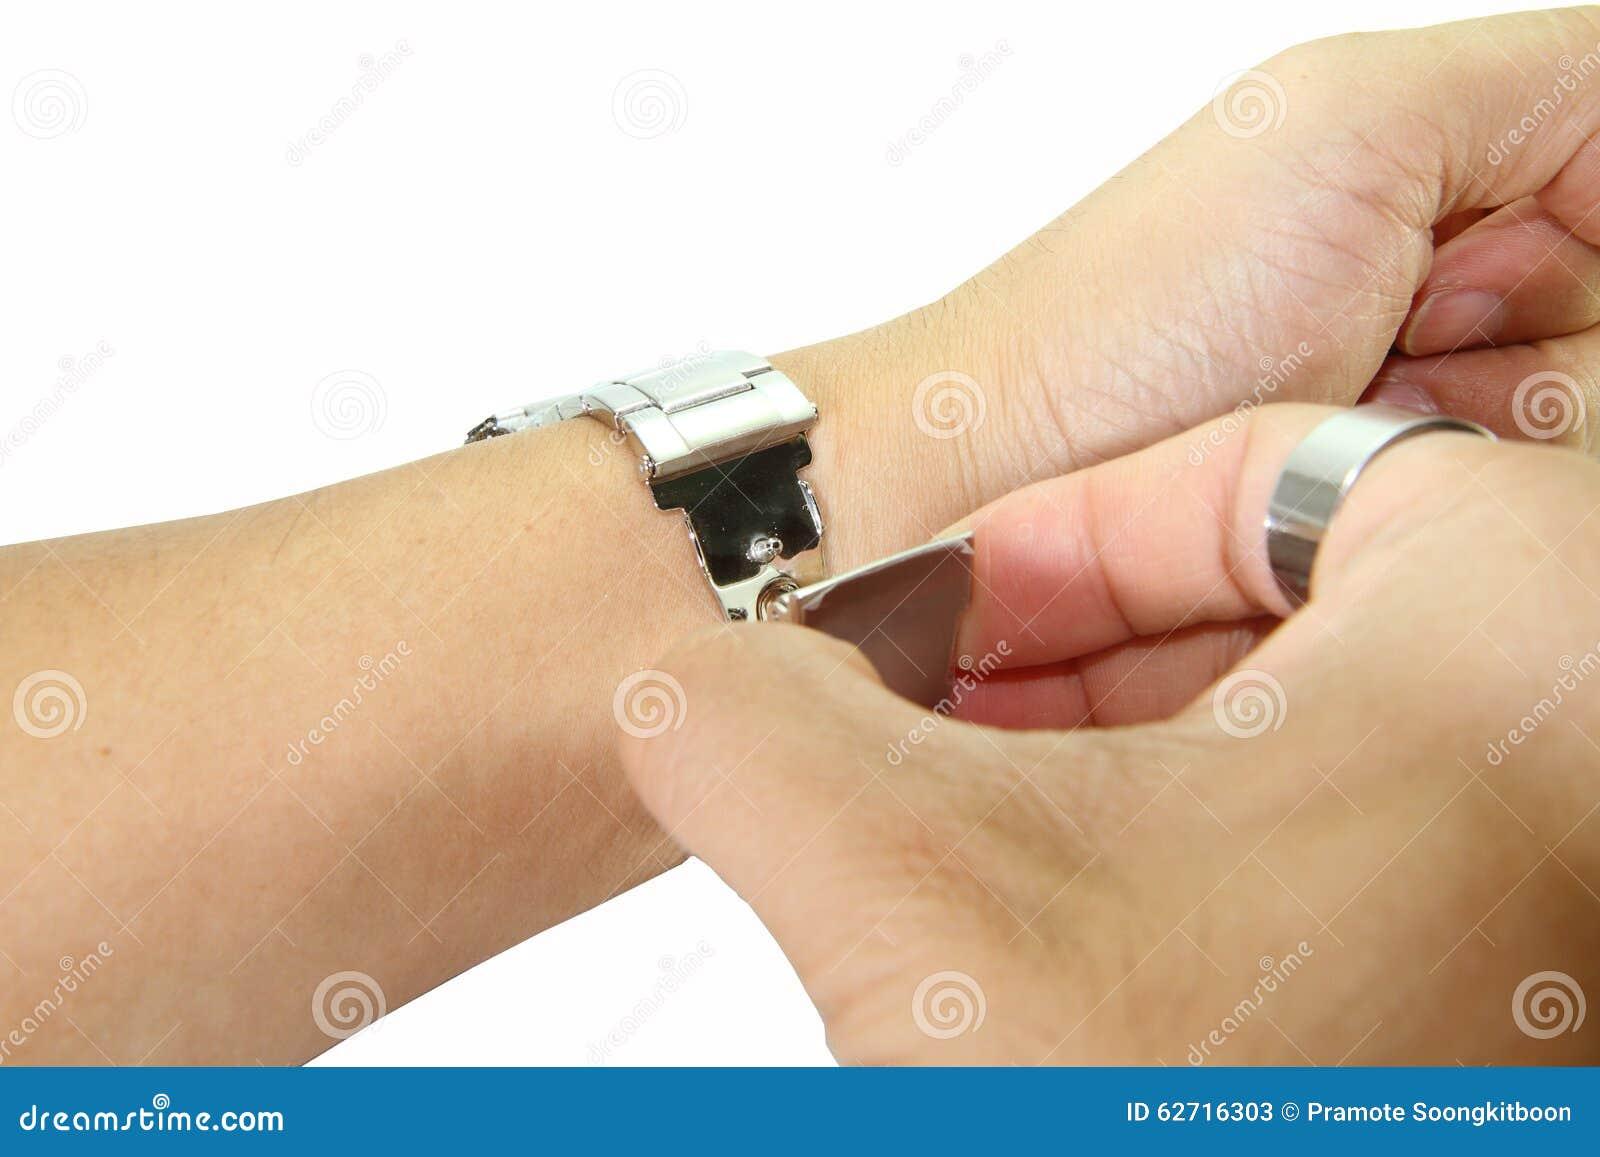 Αφαιρέστε το ρολόι από τον καρπό